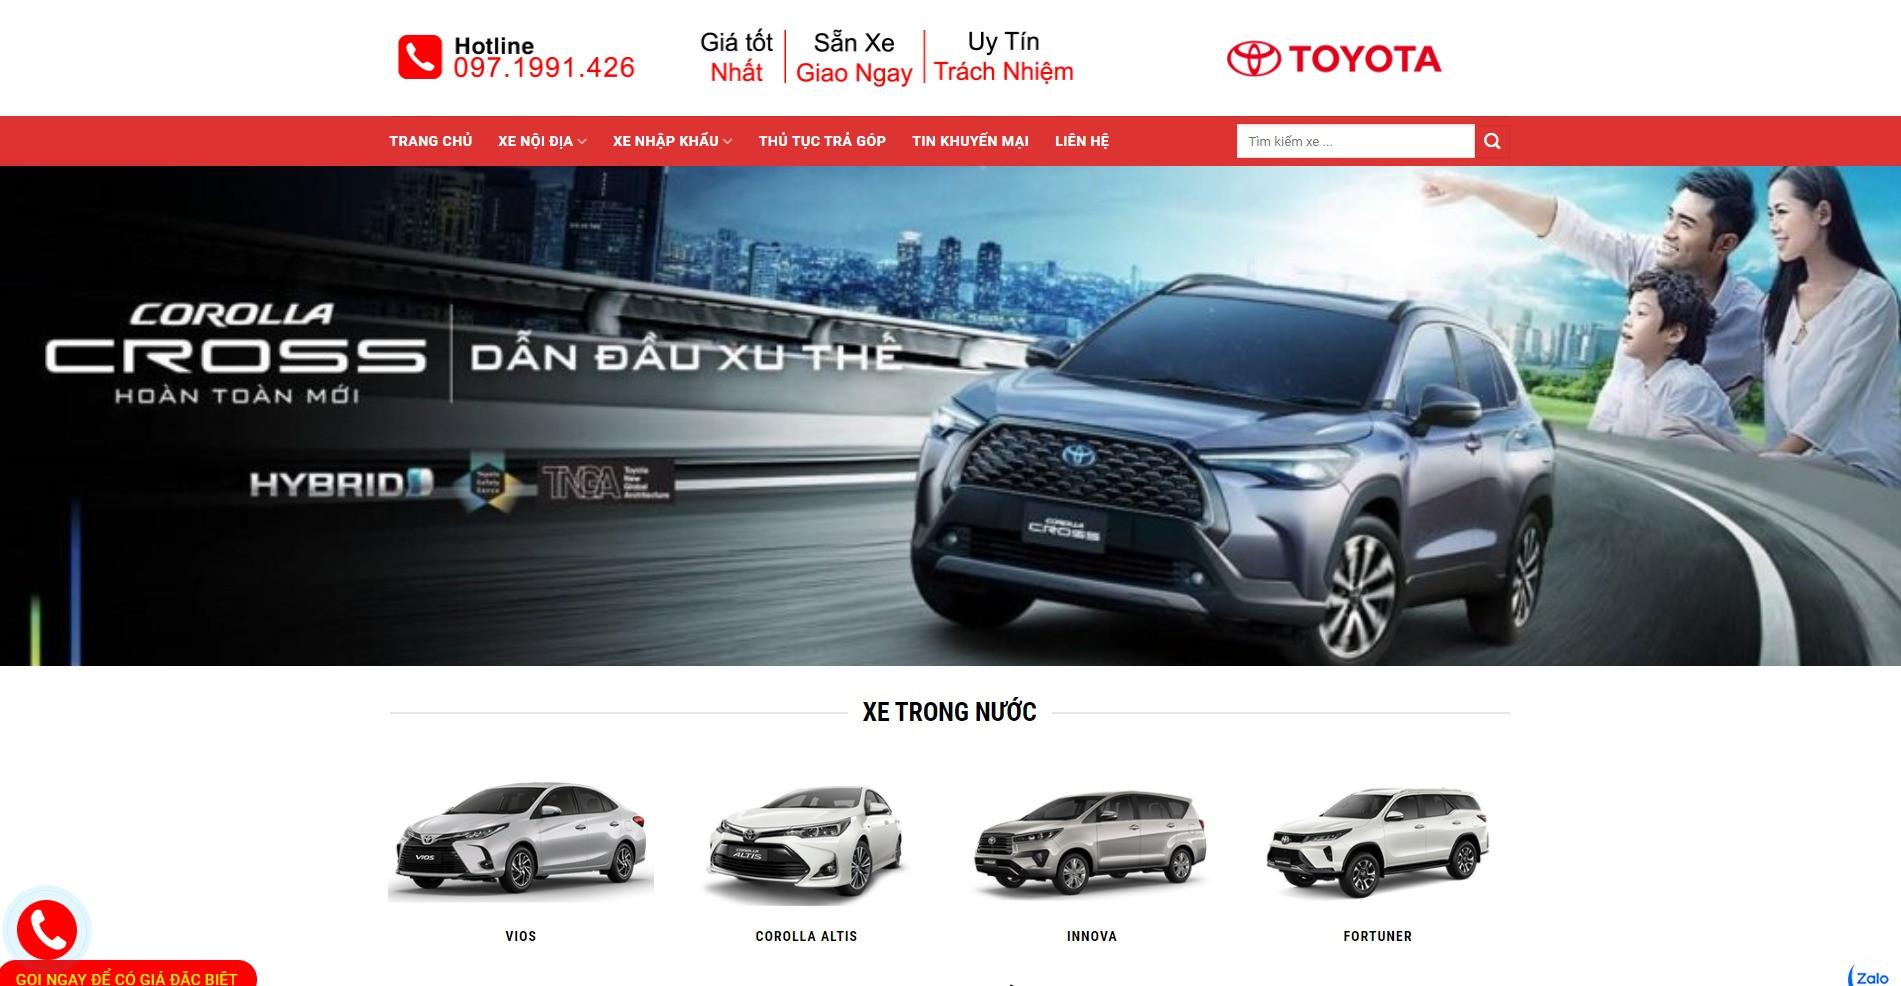 Website ô tô Toyota giá tốt được Weboto thiết kế chất lượng hình ảnh sắc nét